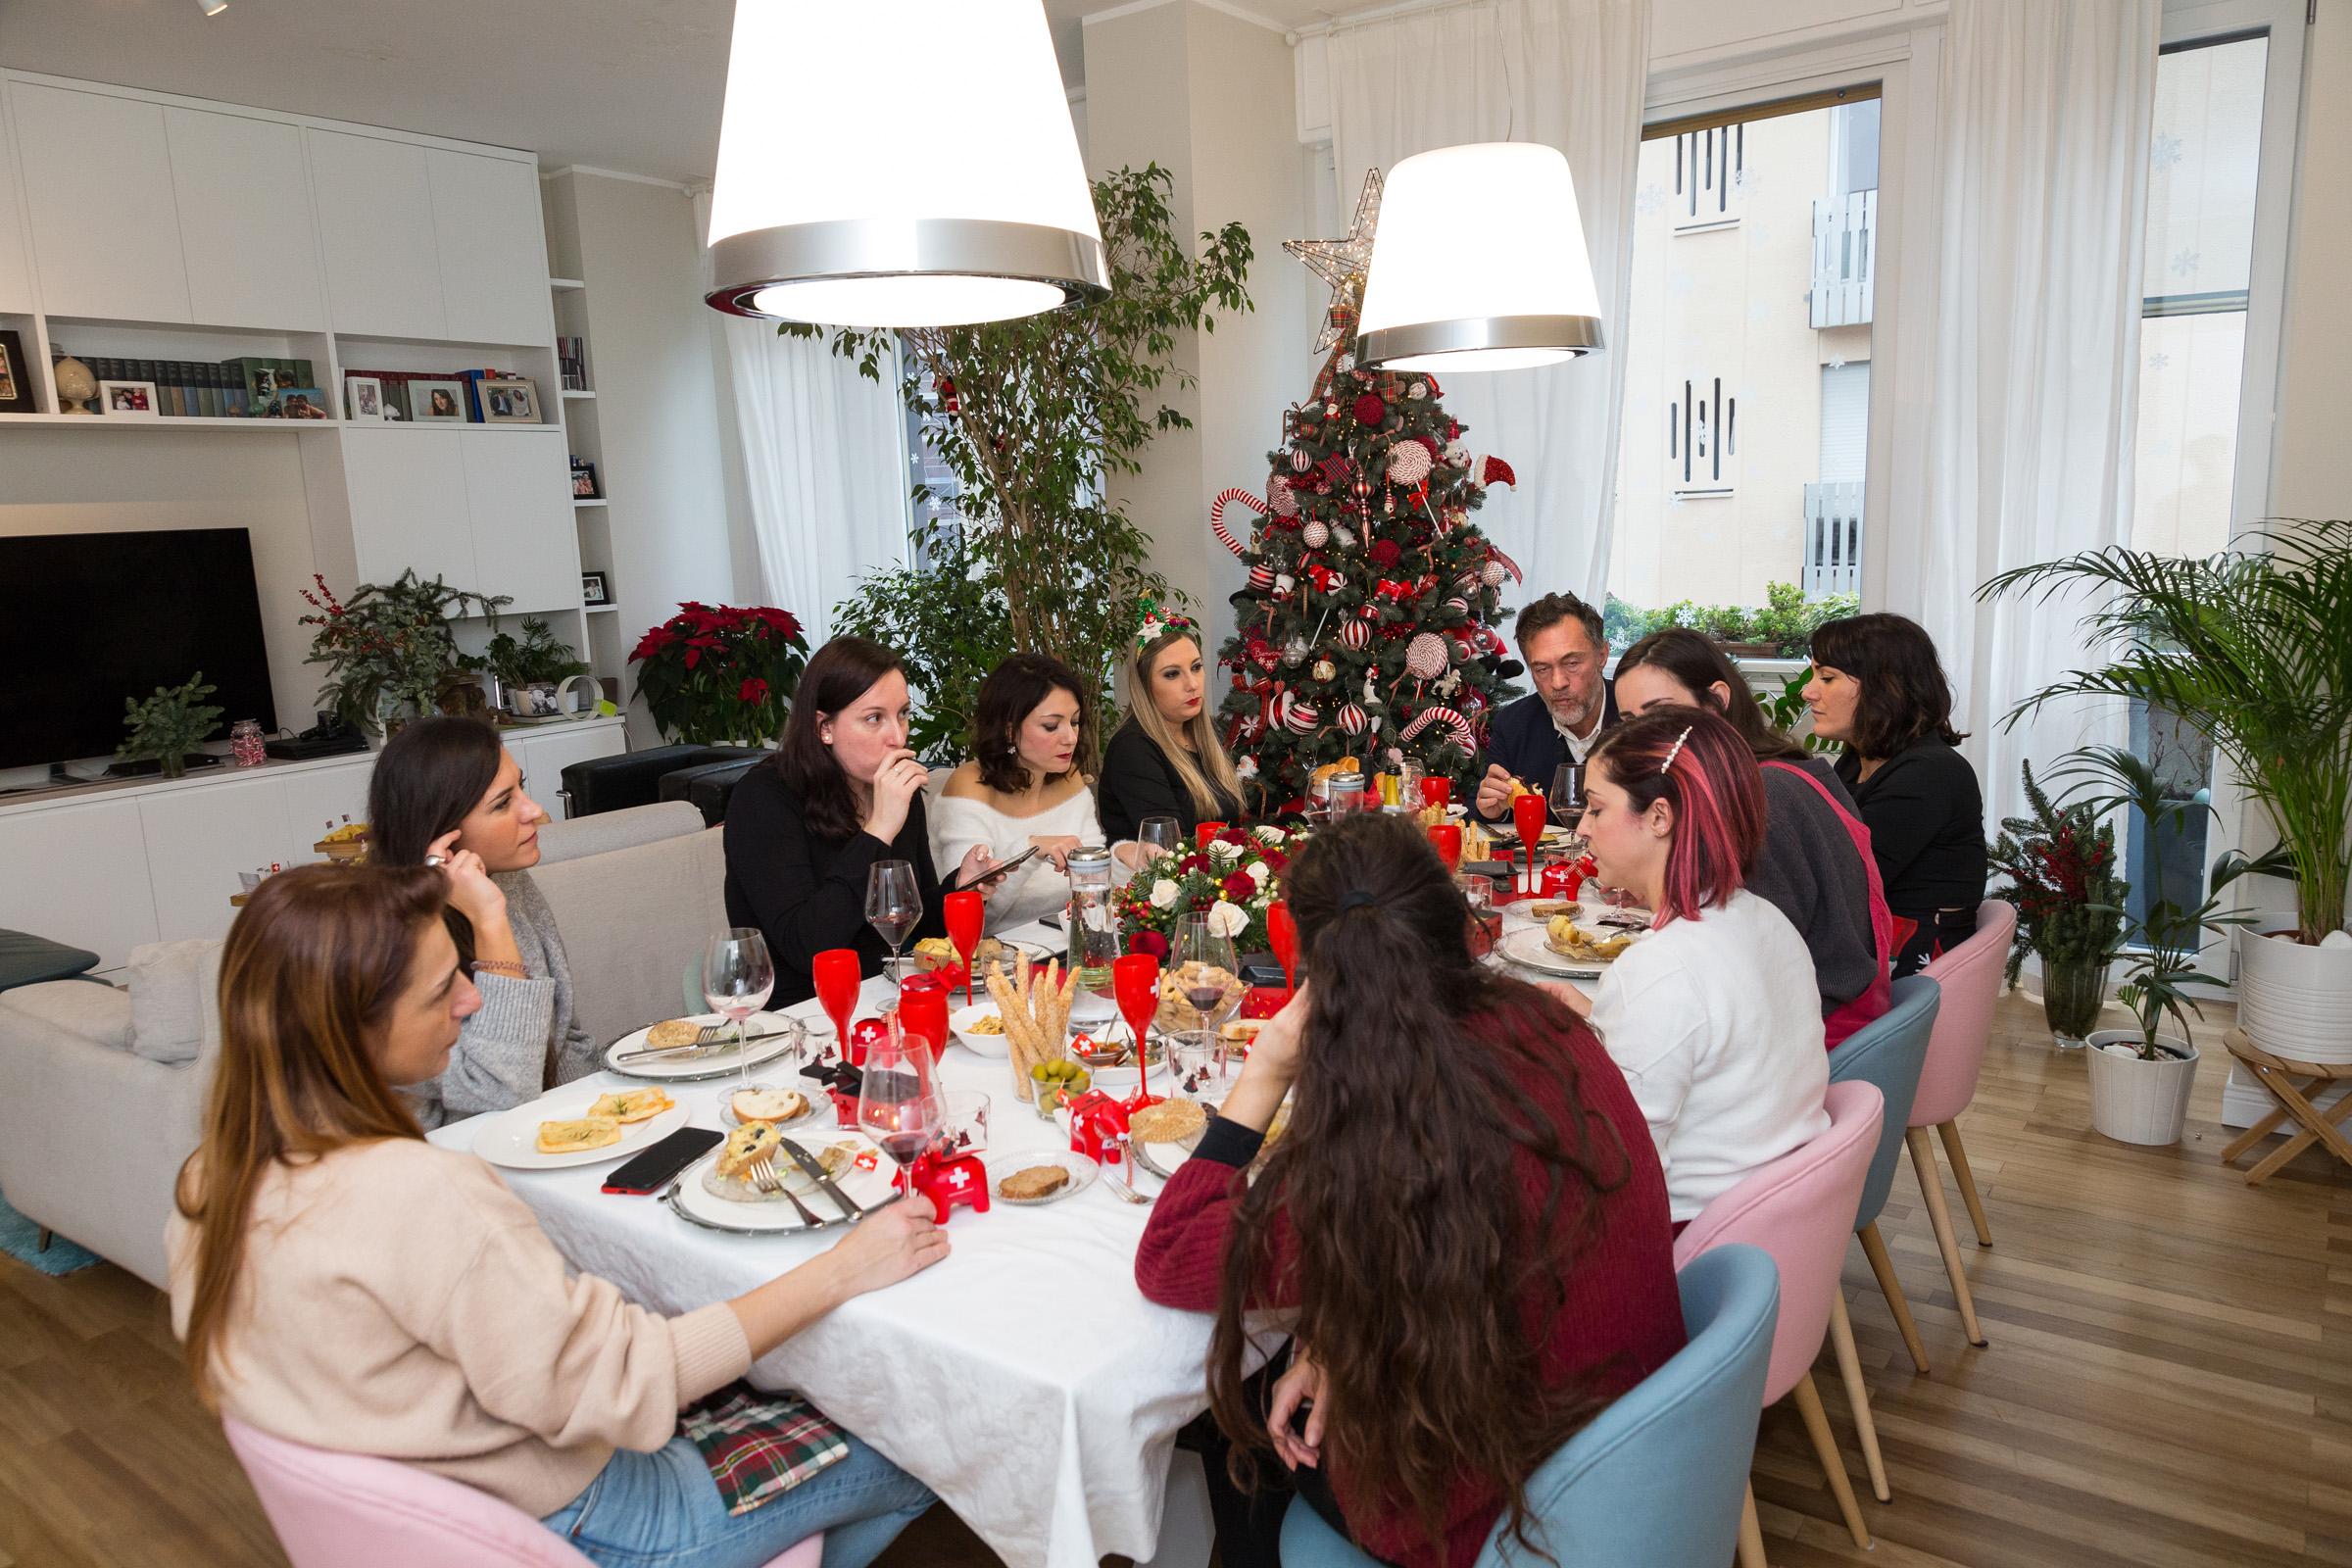 Astrocheese; Evento a Casa di Fra; Milano; Sponsor: Consorzio Formaggi dalla Svizzera;evento con influencer; Photo: Stefano Gilardi (GilliesPh); Video: Giulio Masieri